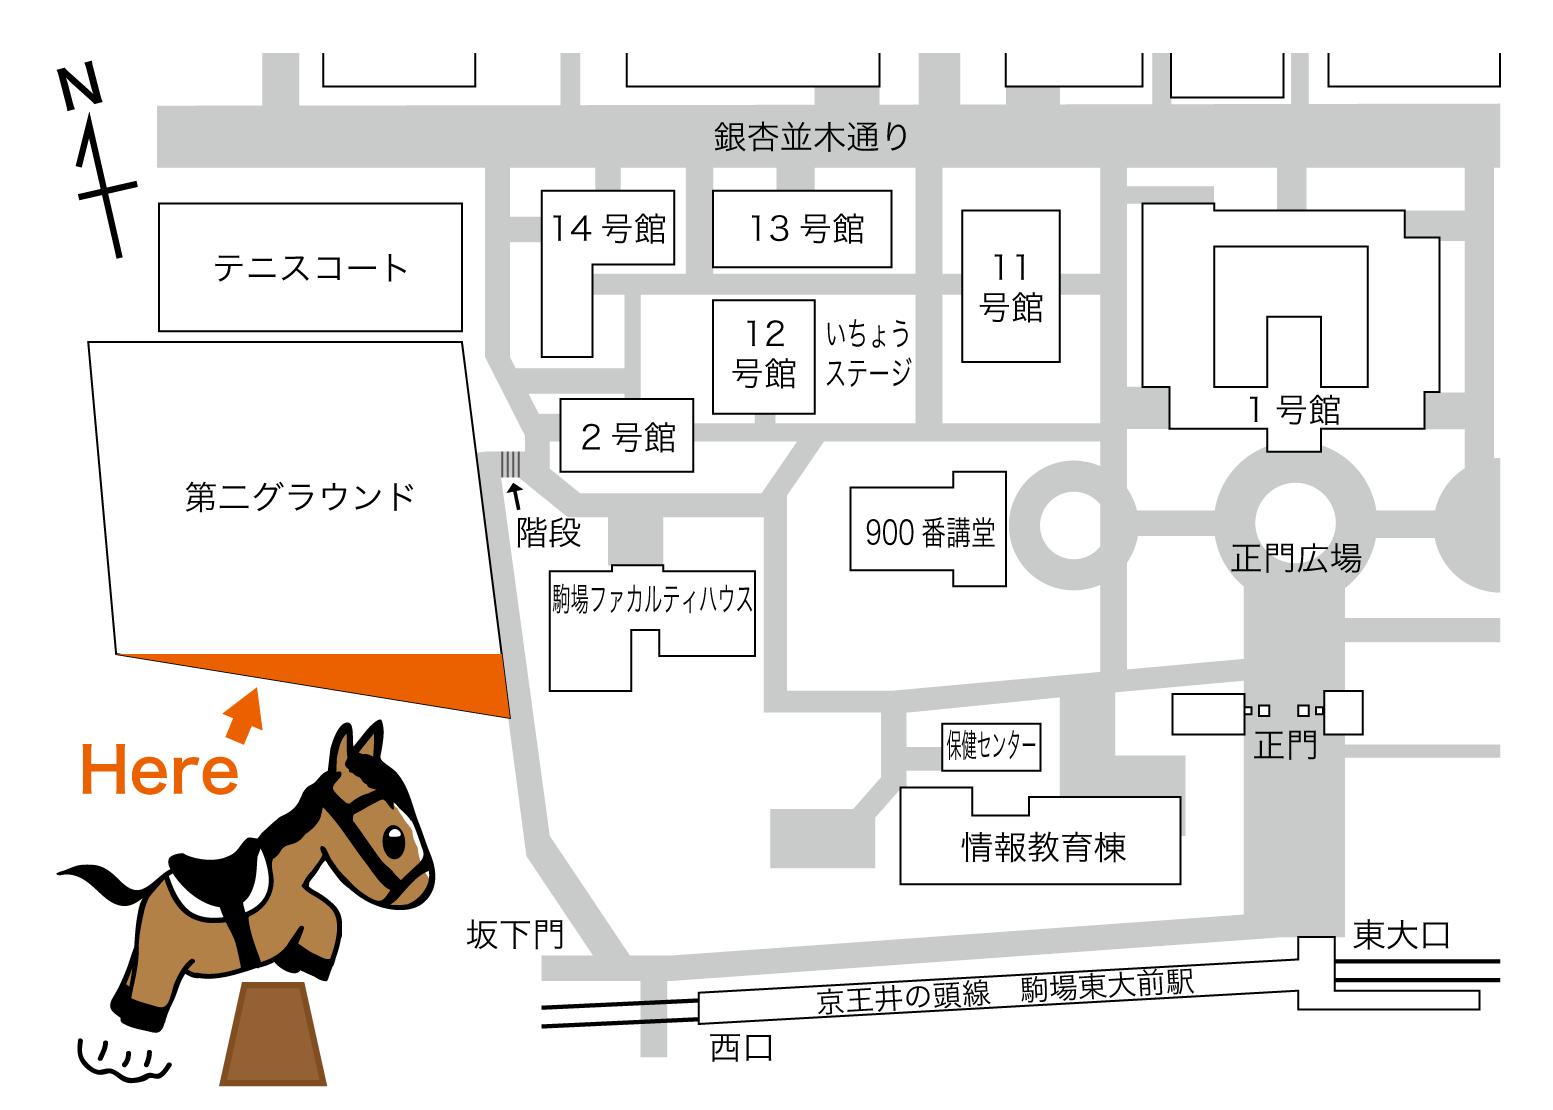 駒場祭地図-01